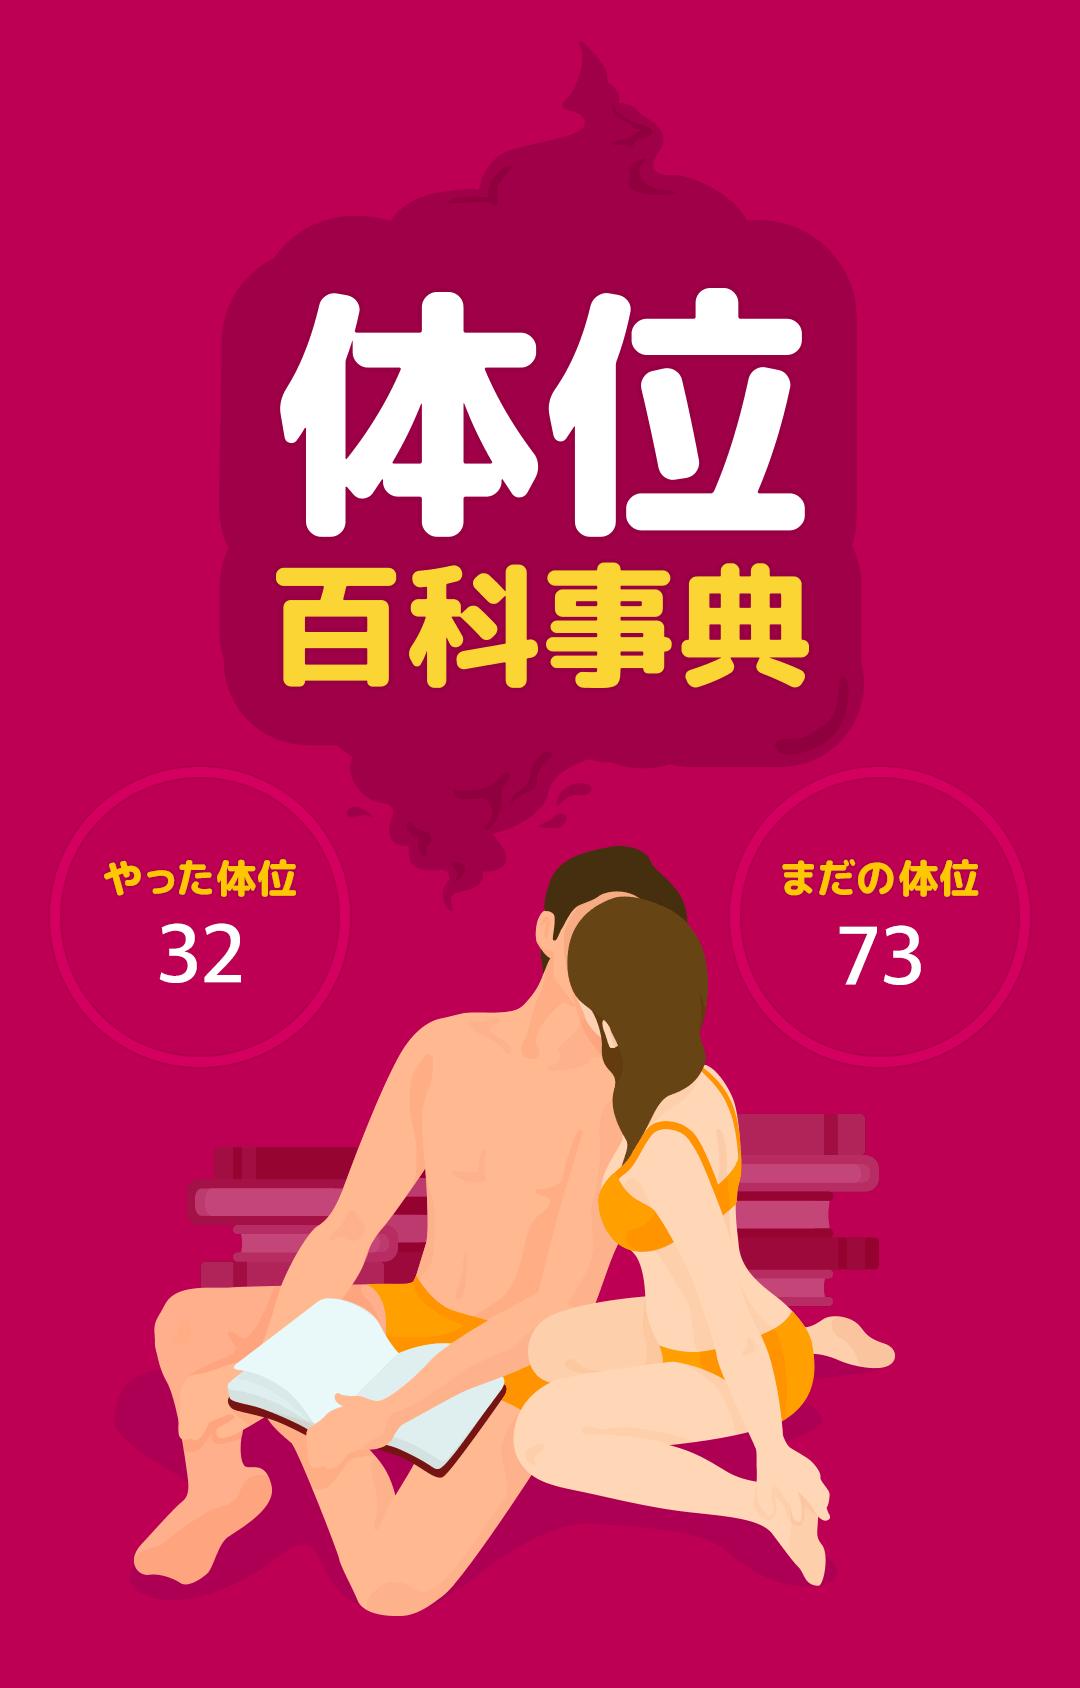 セックス体位百科事典